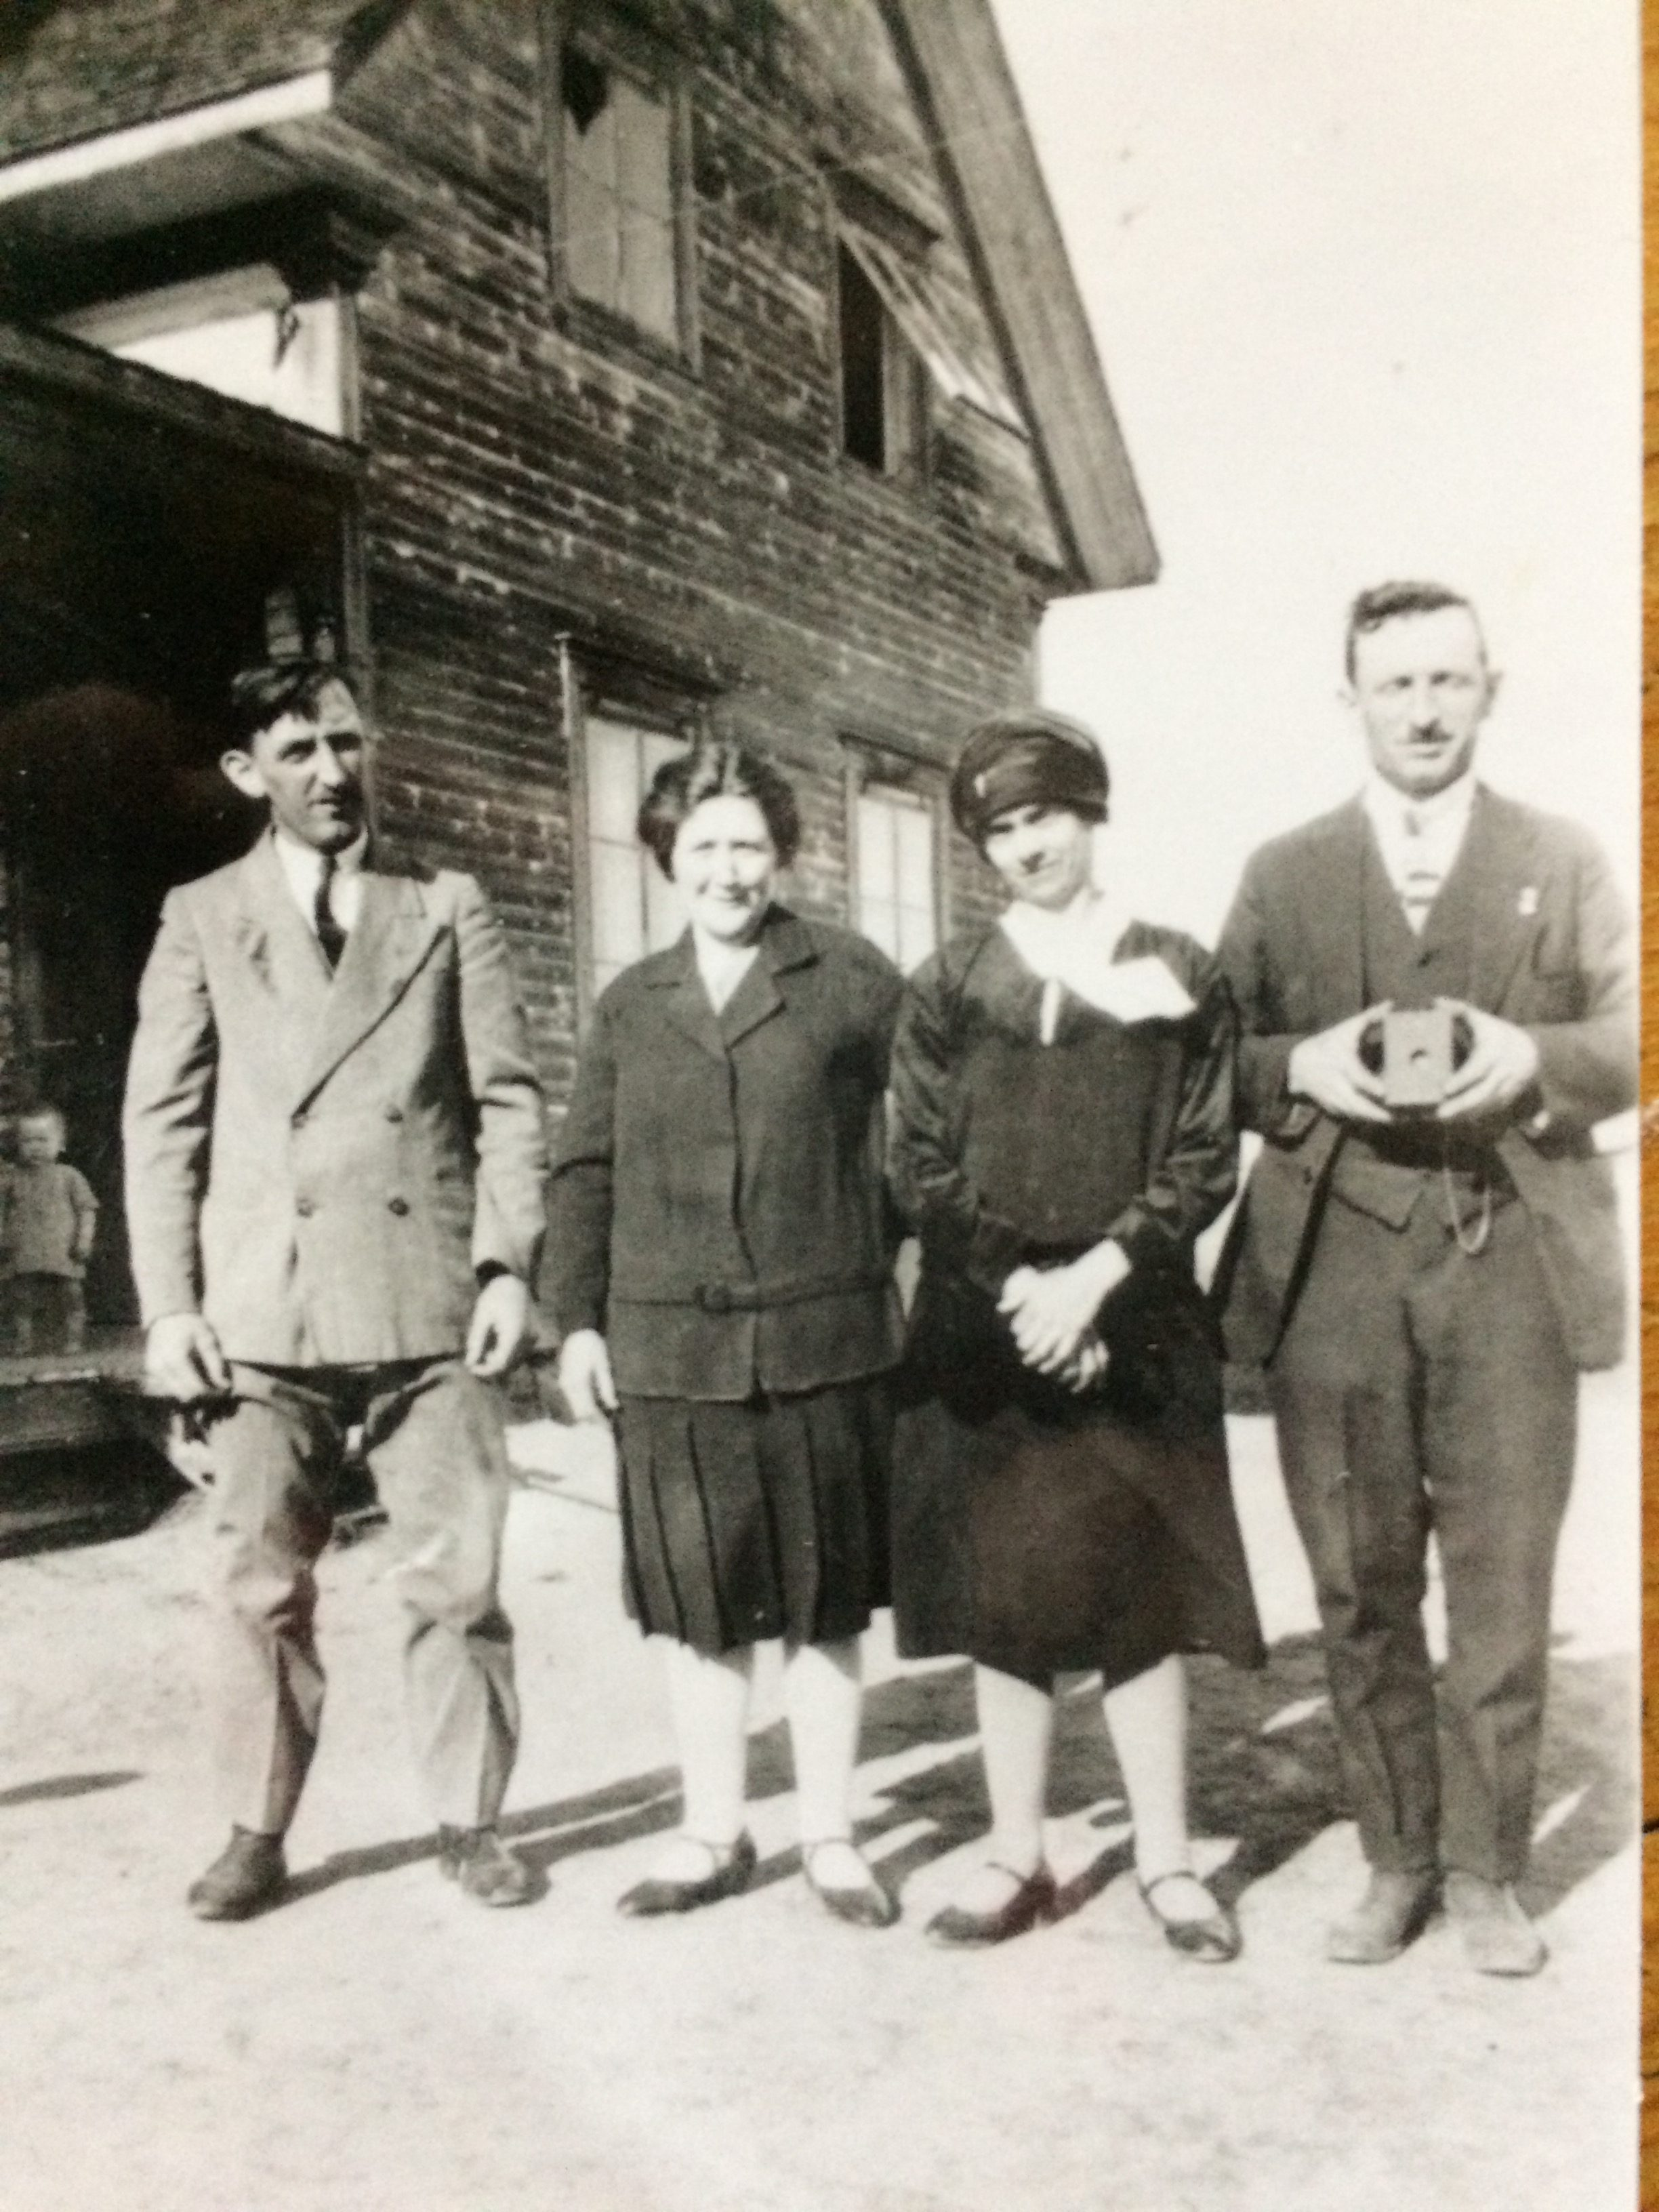 Héraclius Doré et Blanche Lizette, sur la terre du rang Sainte-Anne (Couchepagane). La photo est datée du 30 mai 1930. Les personnes à droite seraient Jean-Baptiste Doré, frère d'Héraclius, et sa femme.